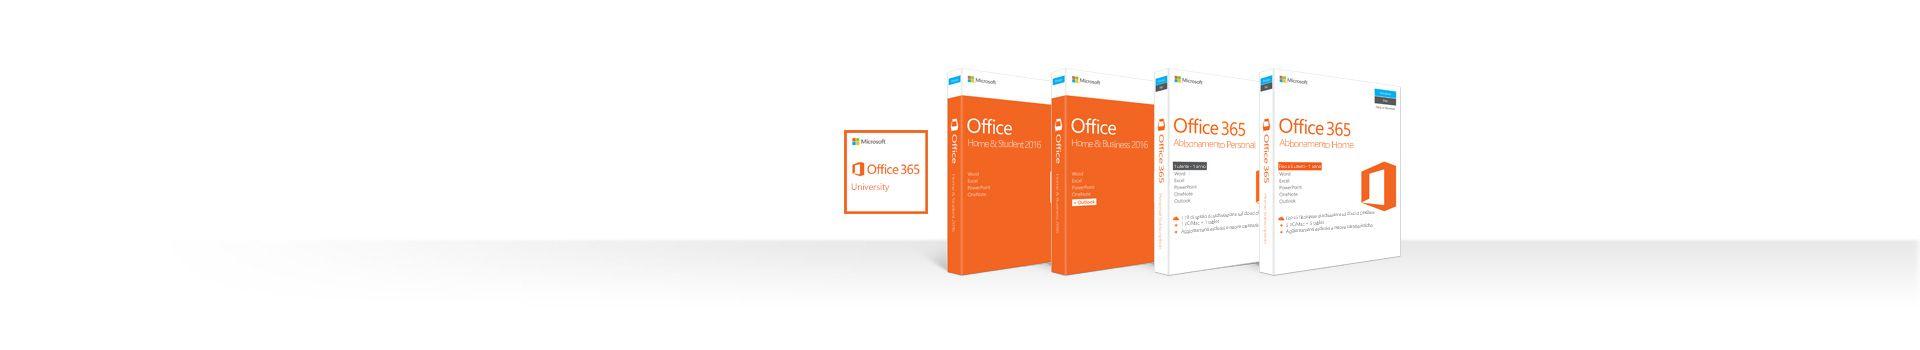 Fila di scatole di prodotti Office 2016 e Office 365 per Mac